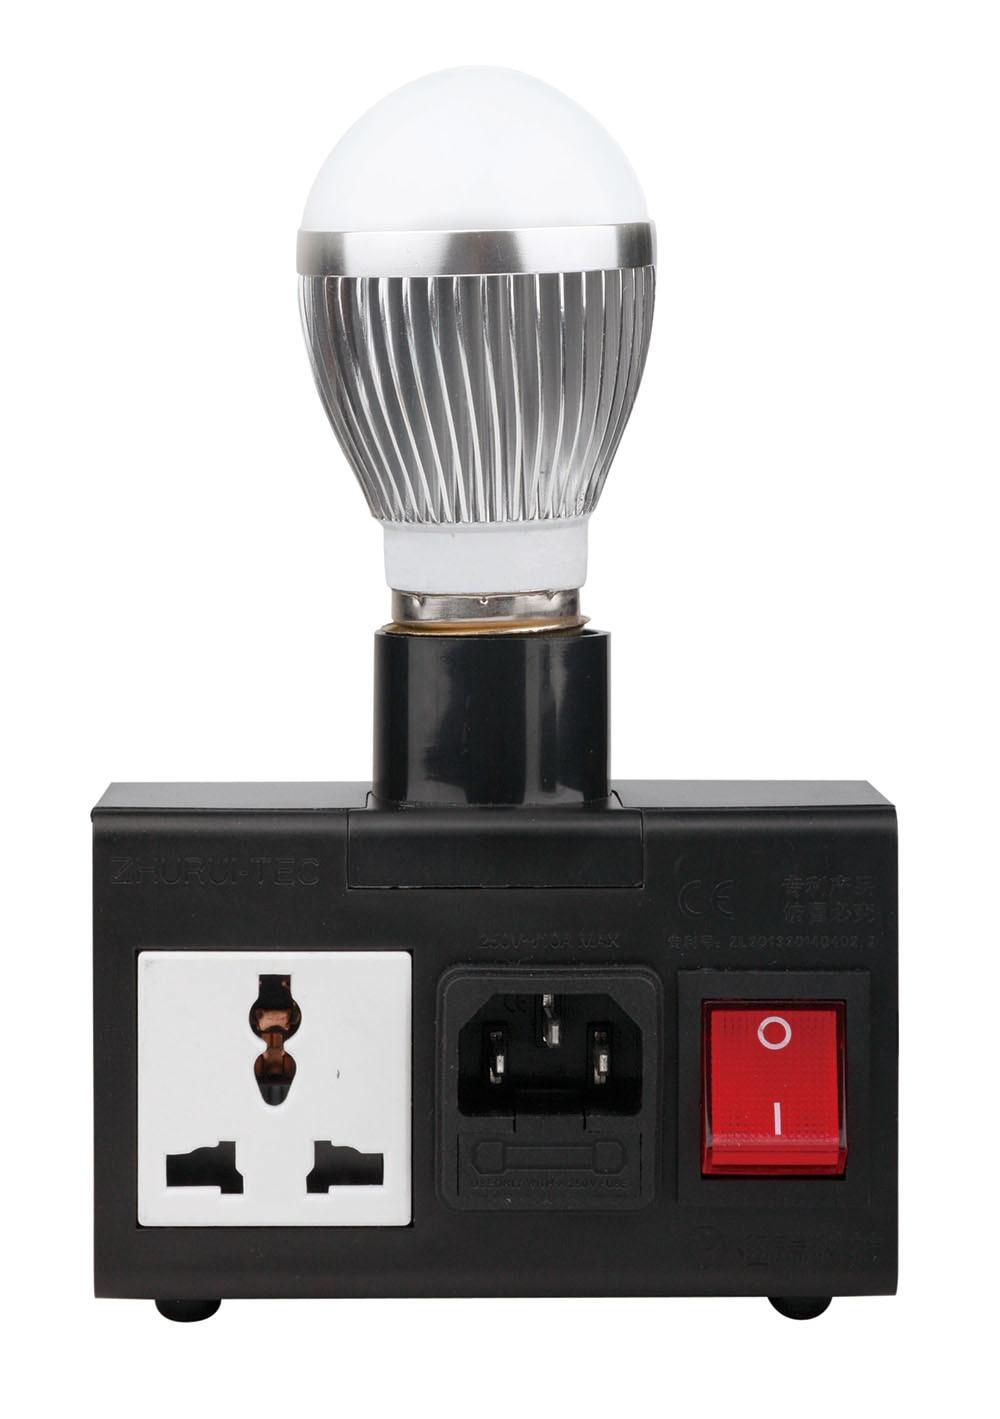 Hordozható LPT200 LCD energiamérő / teljesítménymérő - Mérőműszerek - Fénykép 2